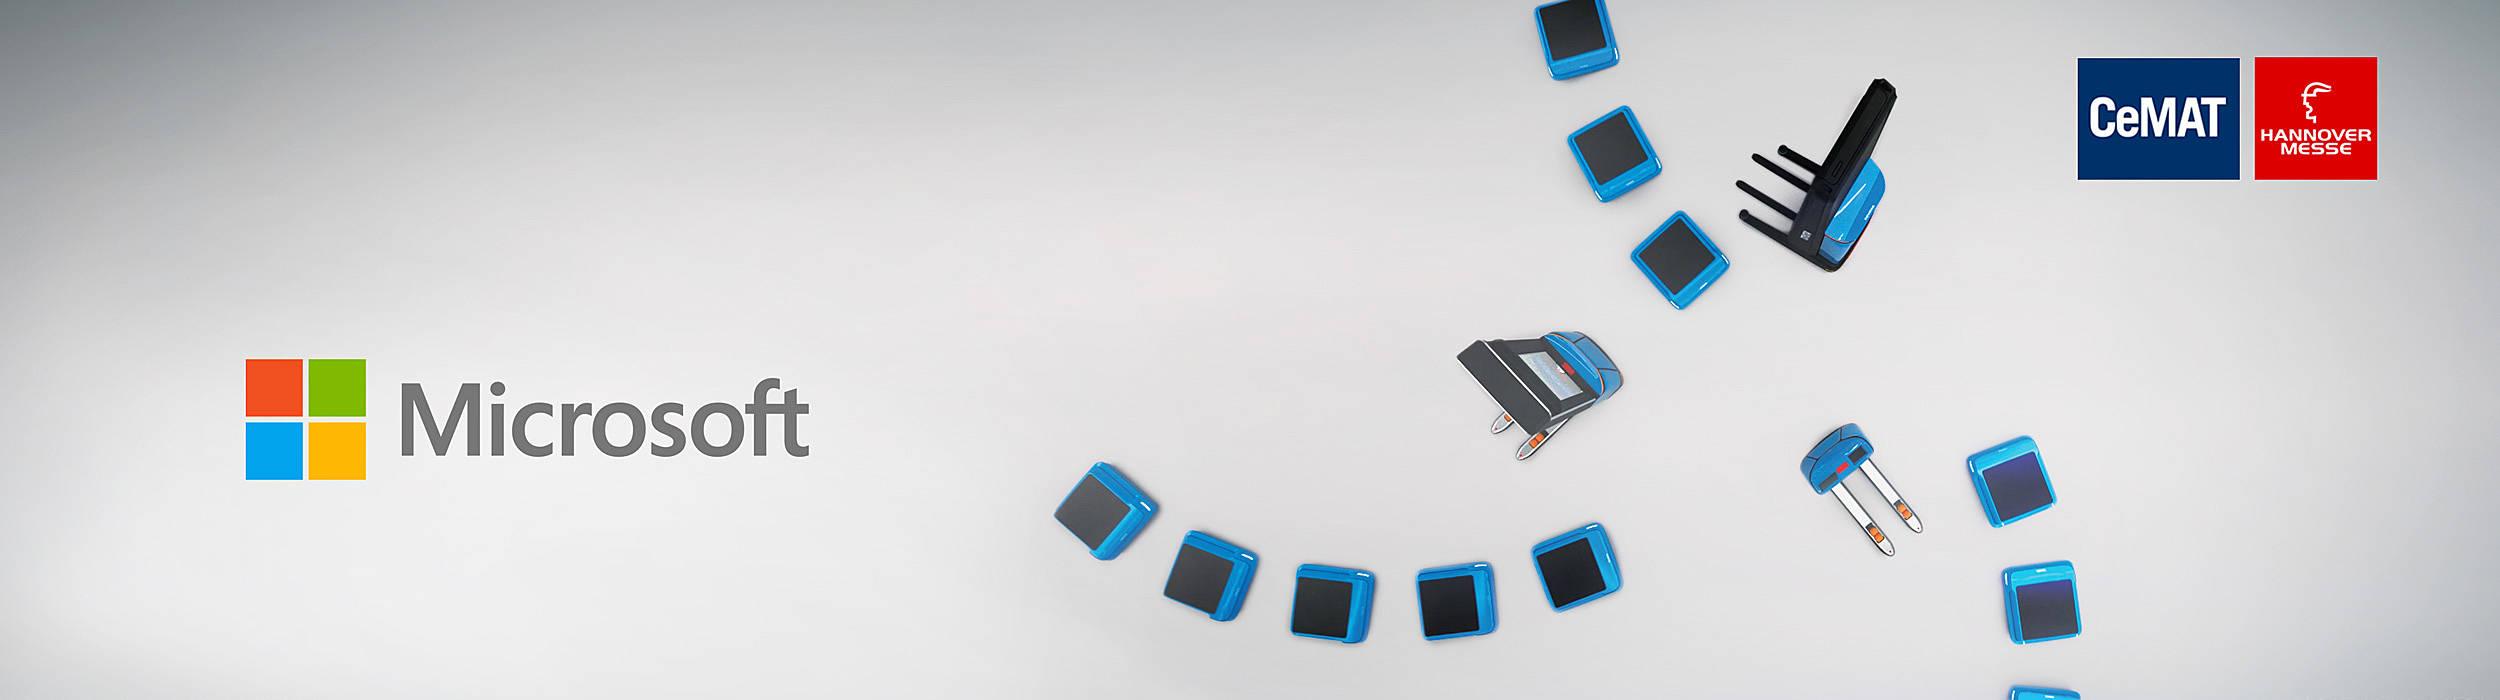 Microsoft og Toyota Material handling samarbejder for fremtiden